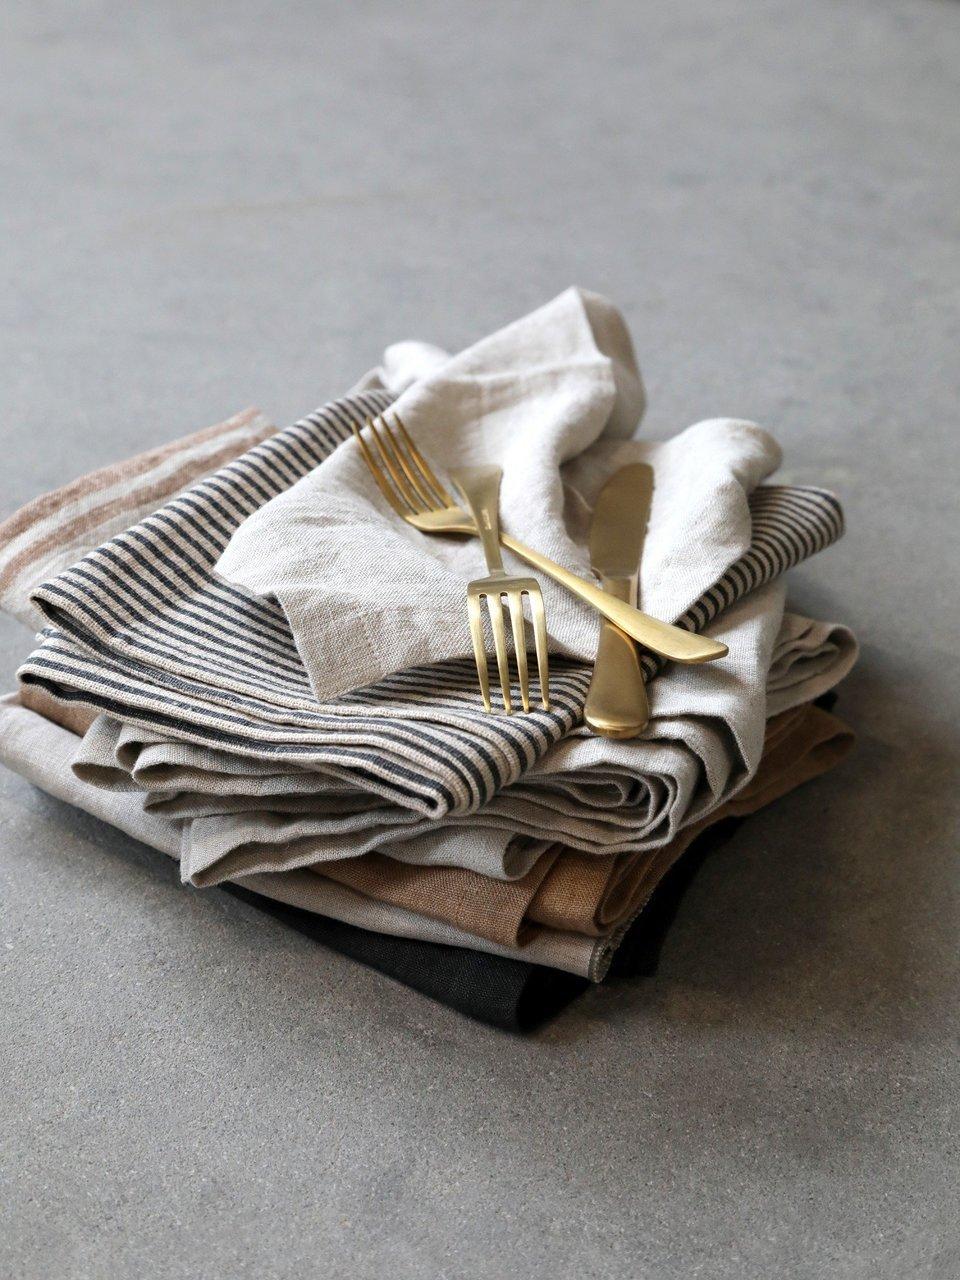 Impressionen zu Chic Antique Leinen Serviette 4er Set, Bild 1